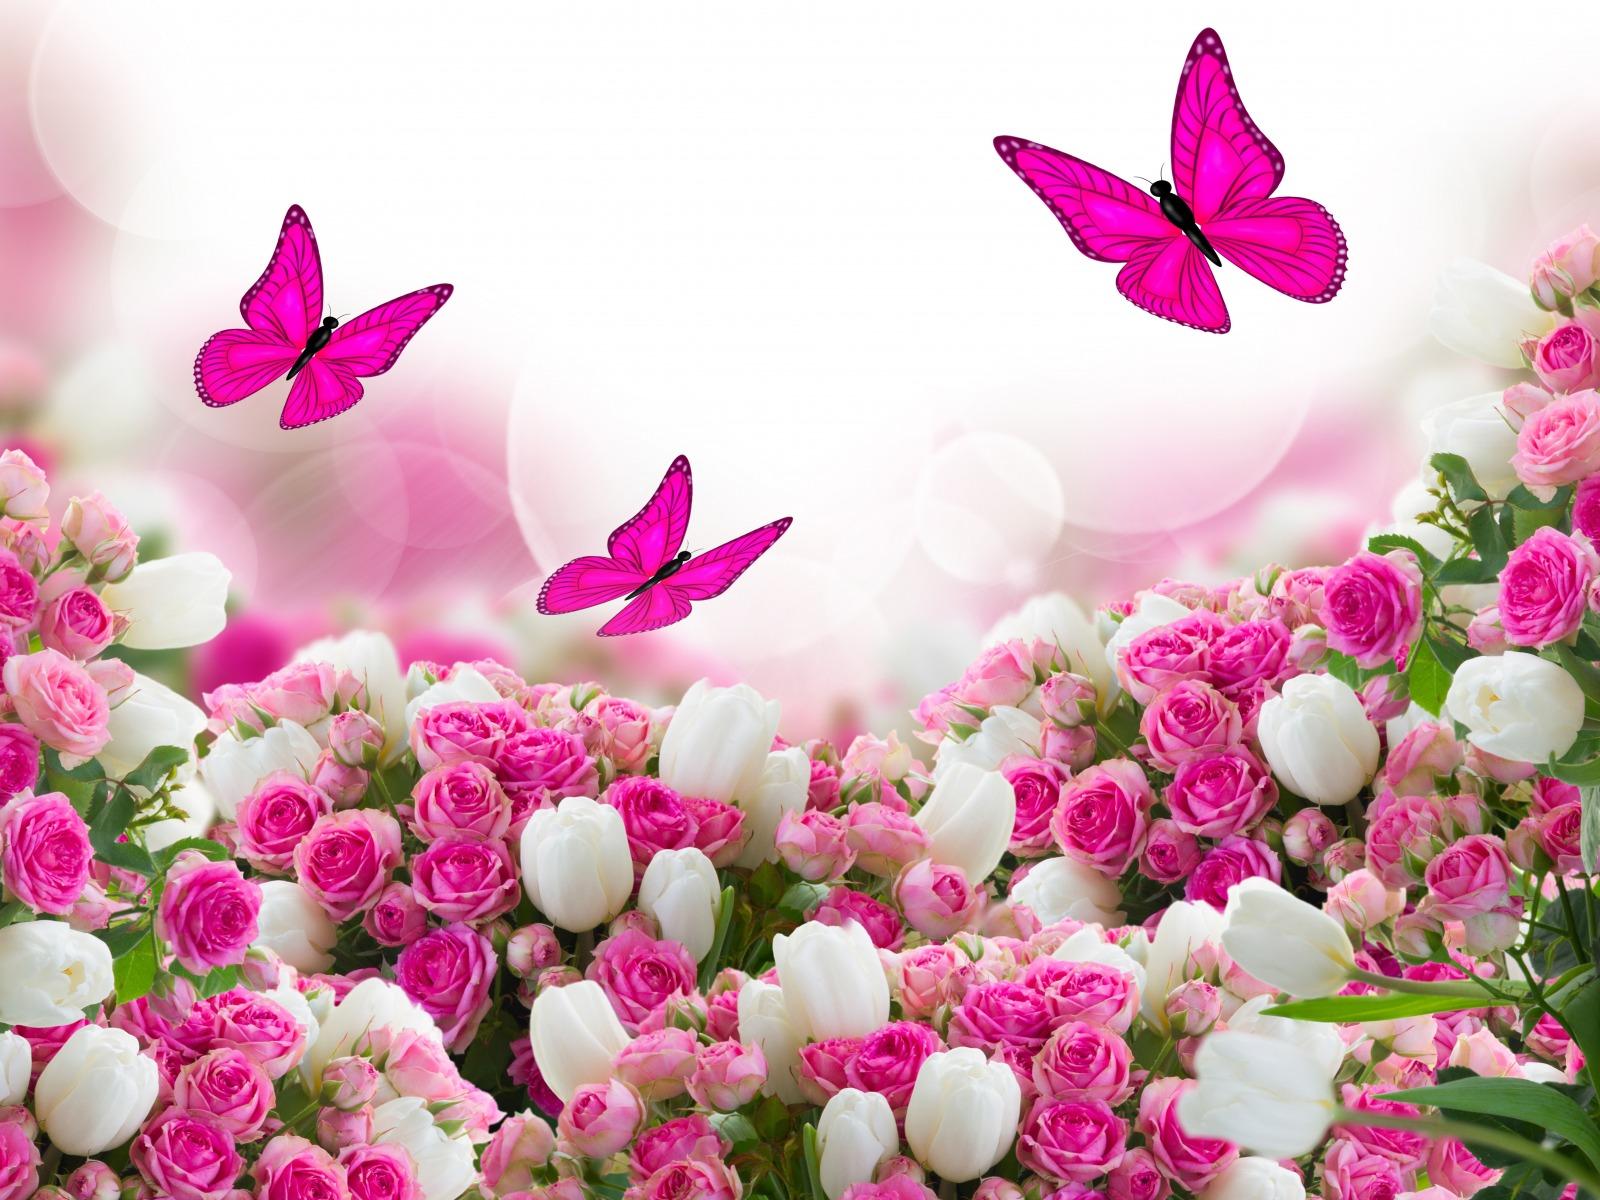 hình nền cánh bướm và những bông hoa